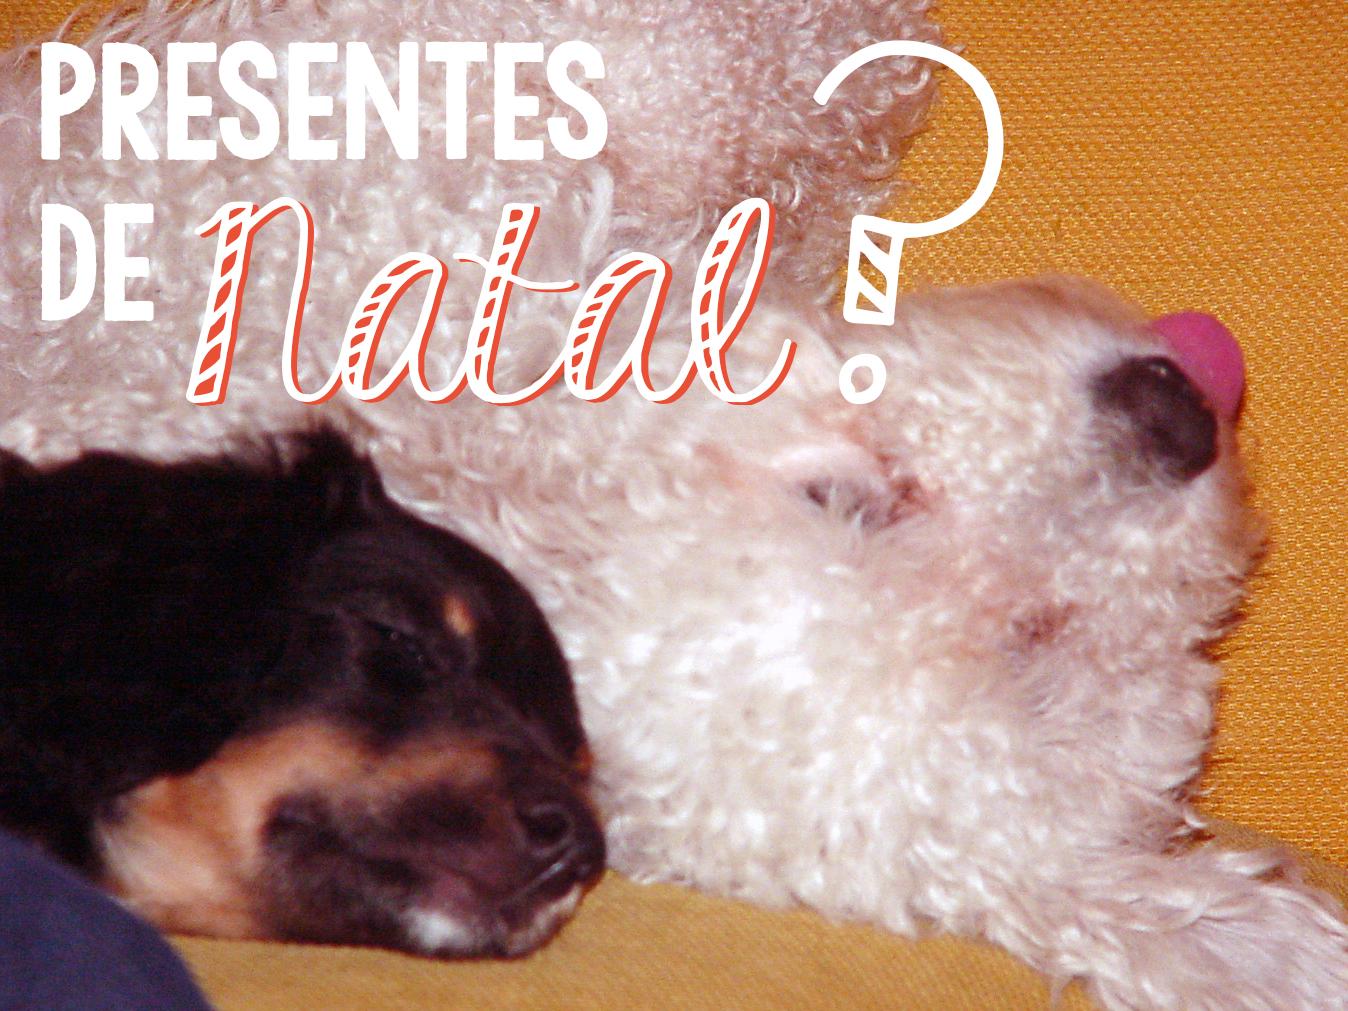 Animais como presentes de Natal: 6 contras e 2 soluções